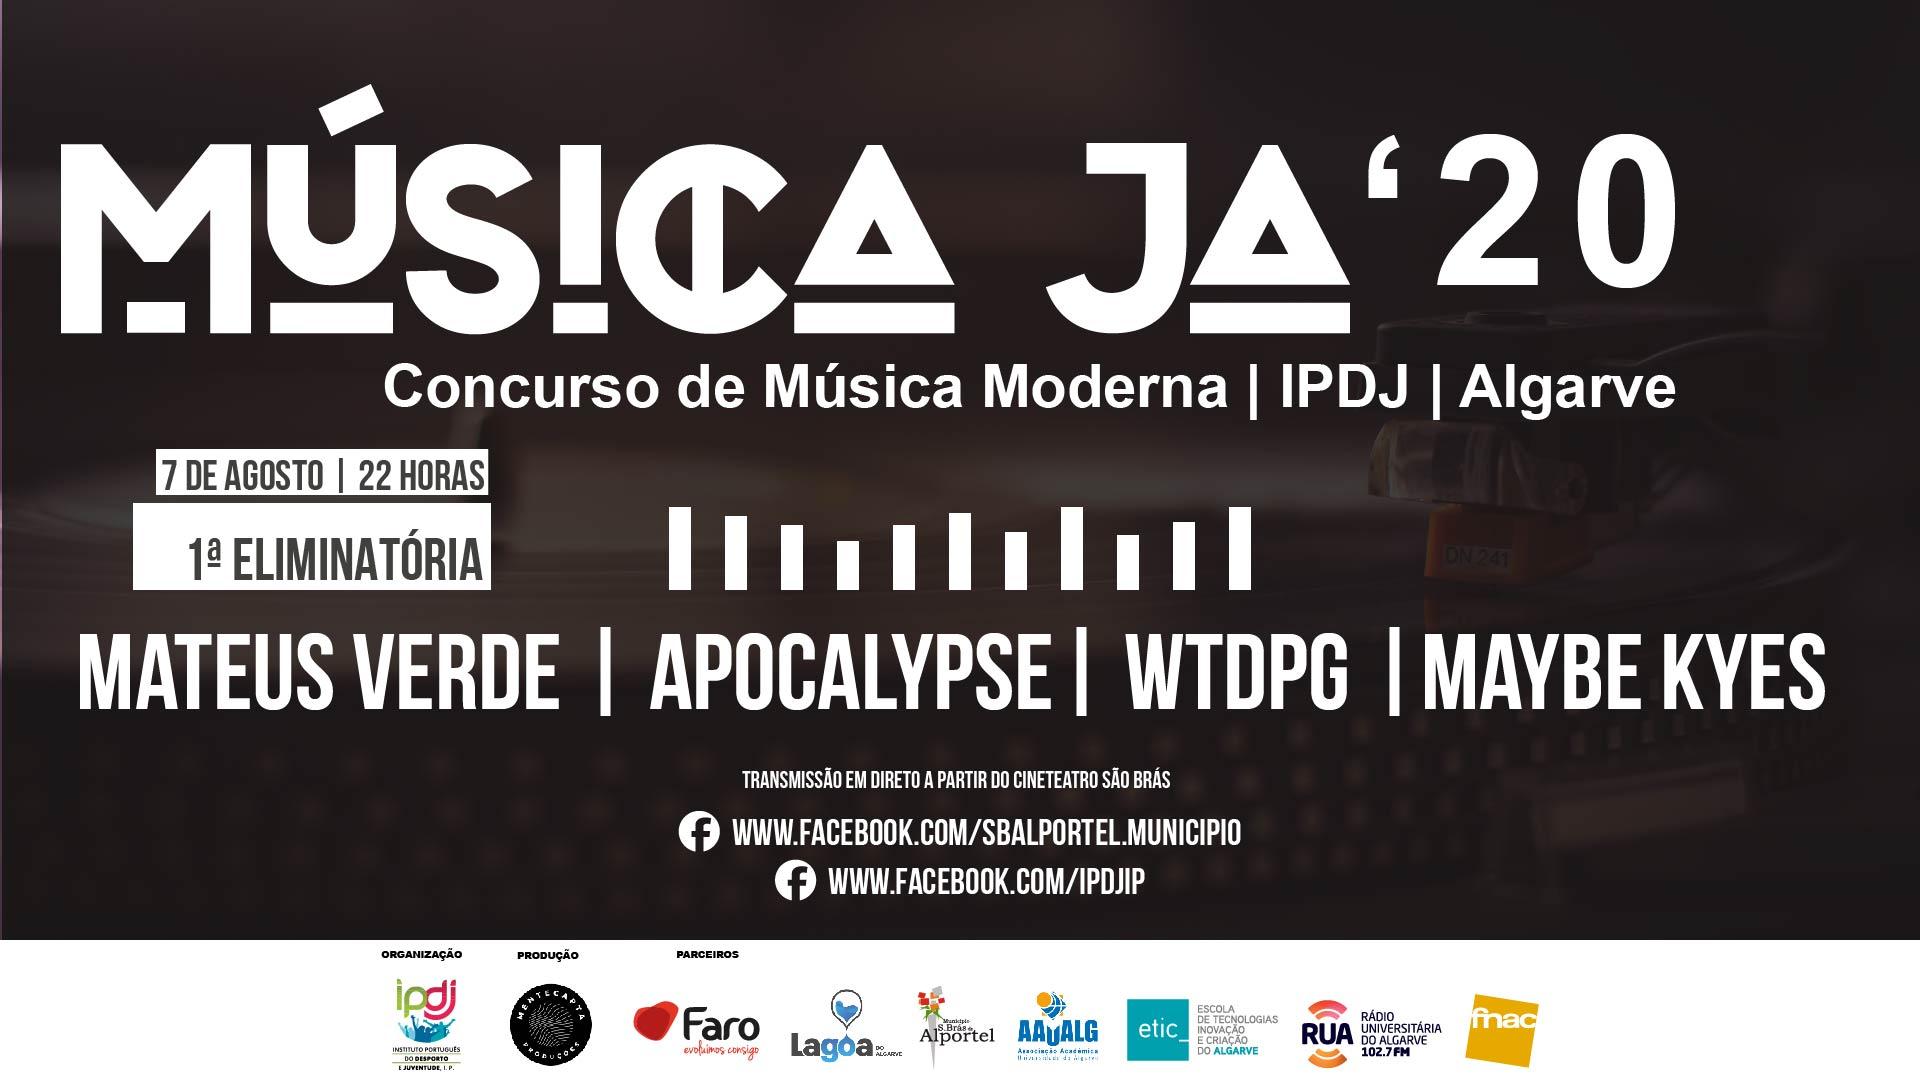 Primeira eliminatória do Música Já 2020 - Concurso de Música Moderna do Algarve